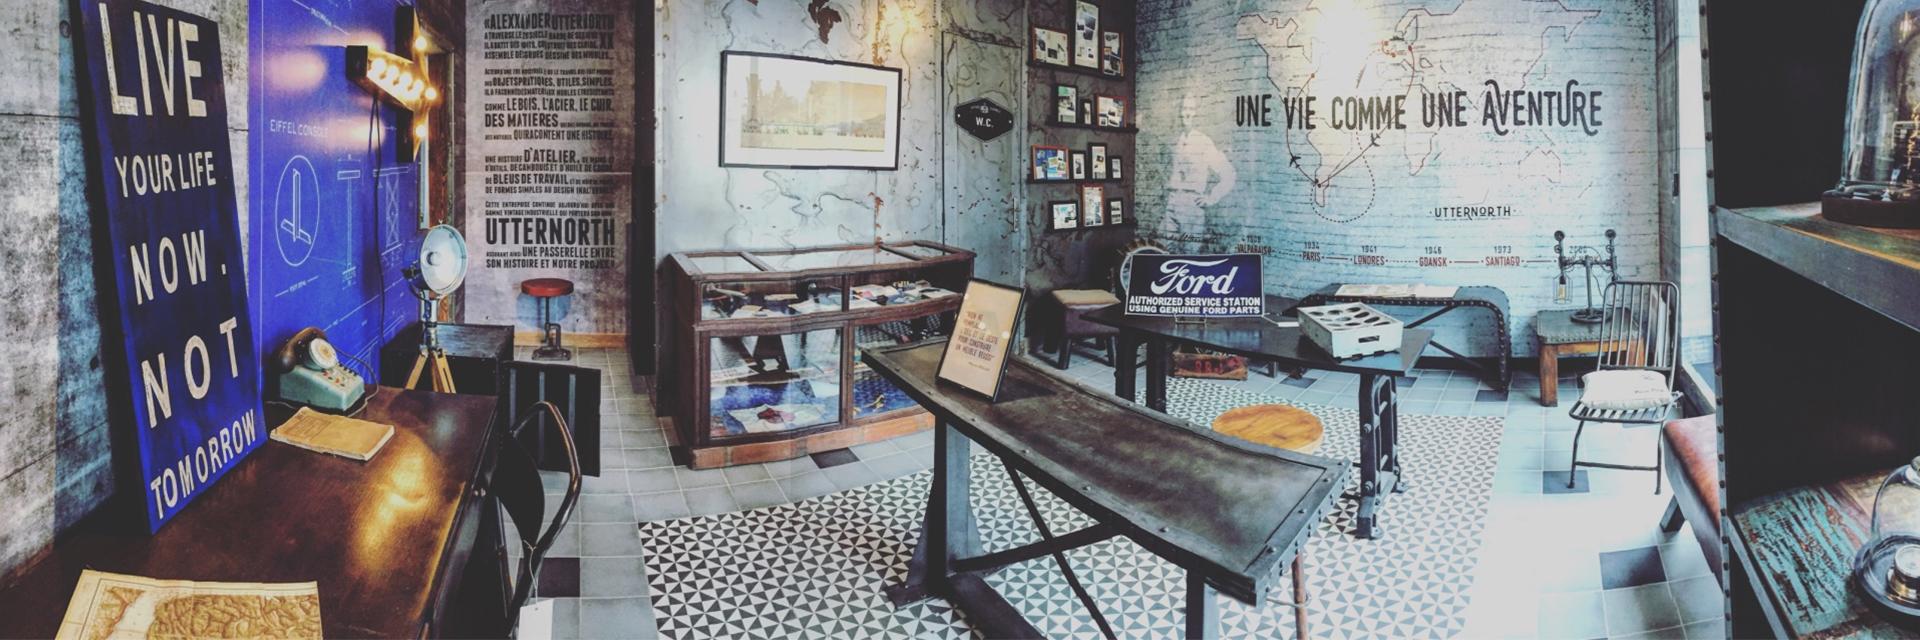 Utternorth-boutique7